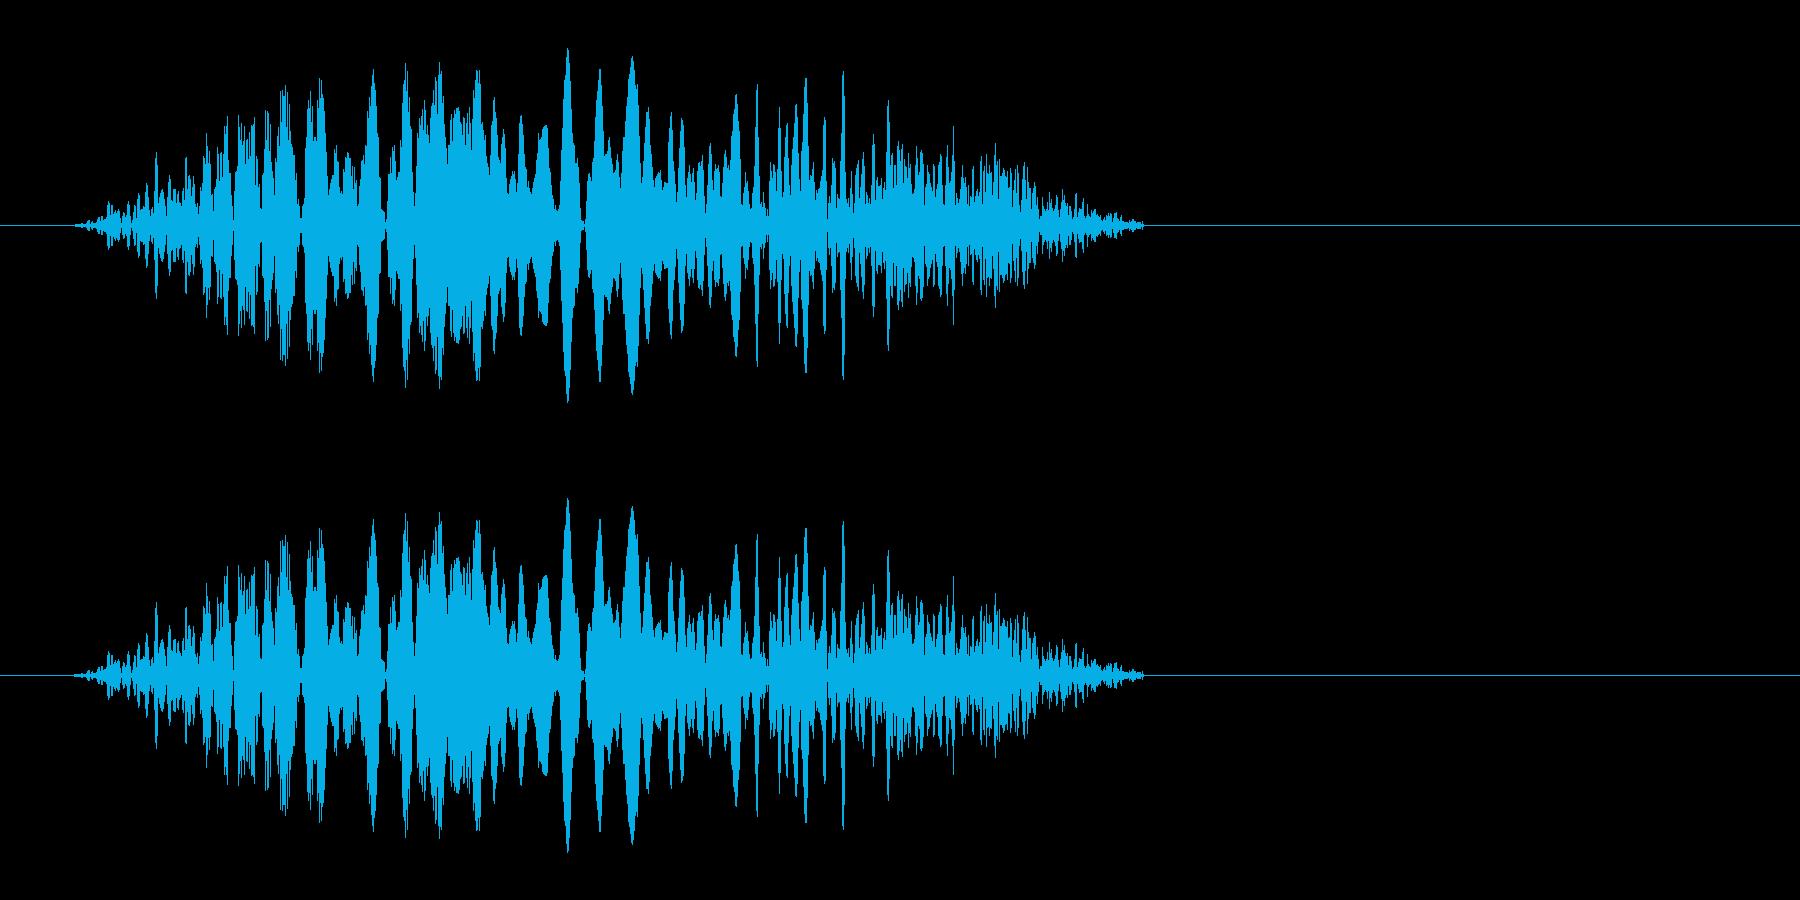 シュッ(簡潔でスピード感のある効果音)の再生済みの波形